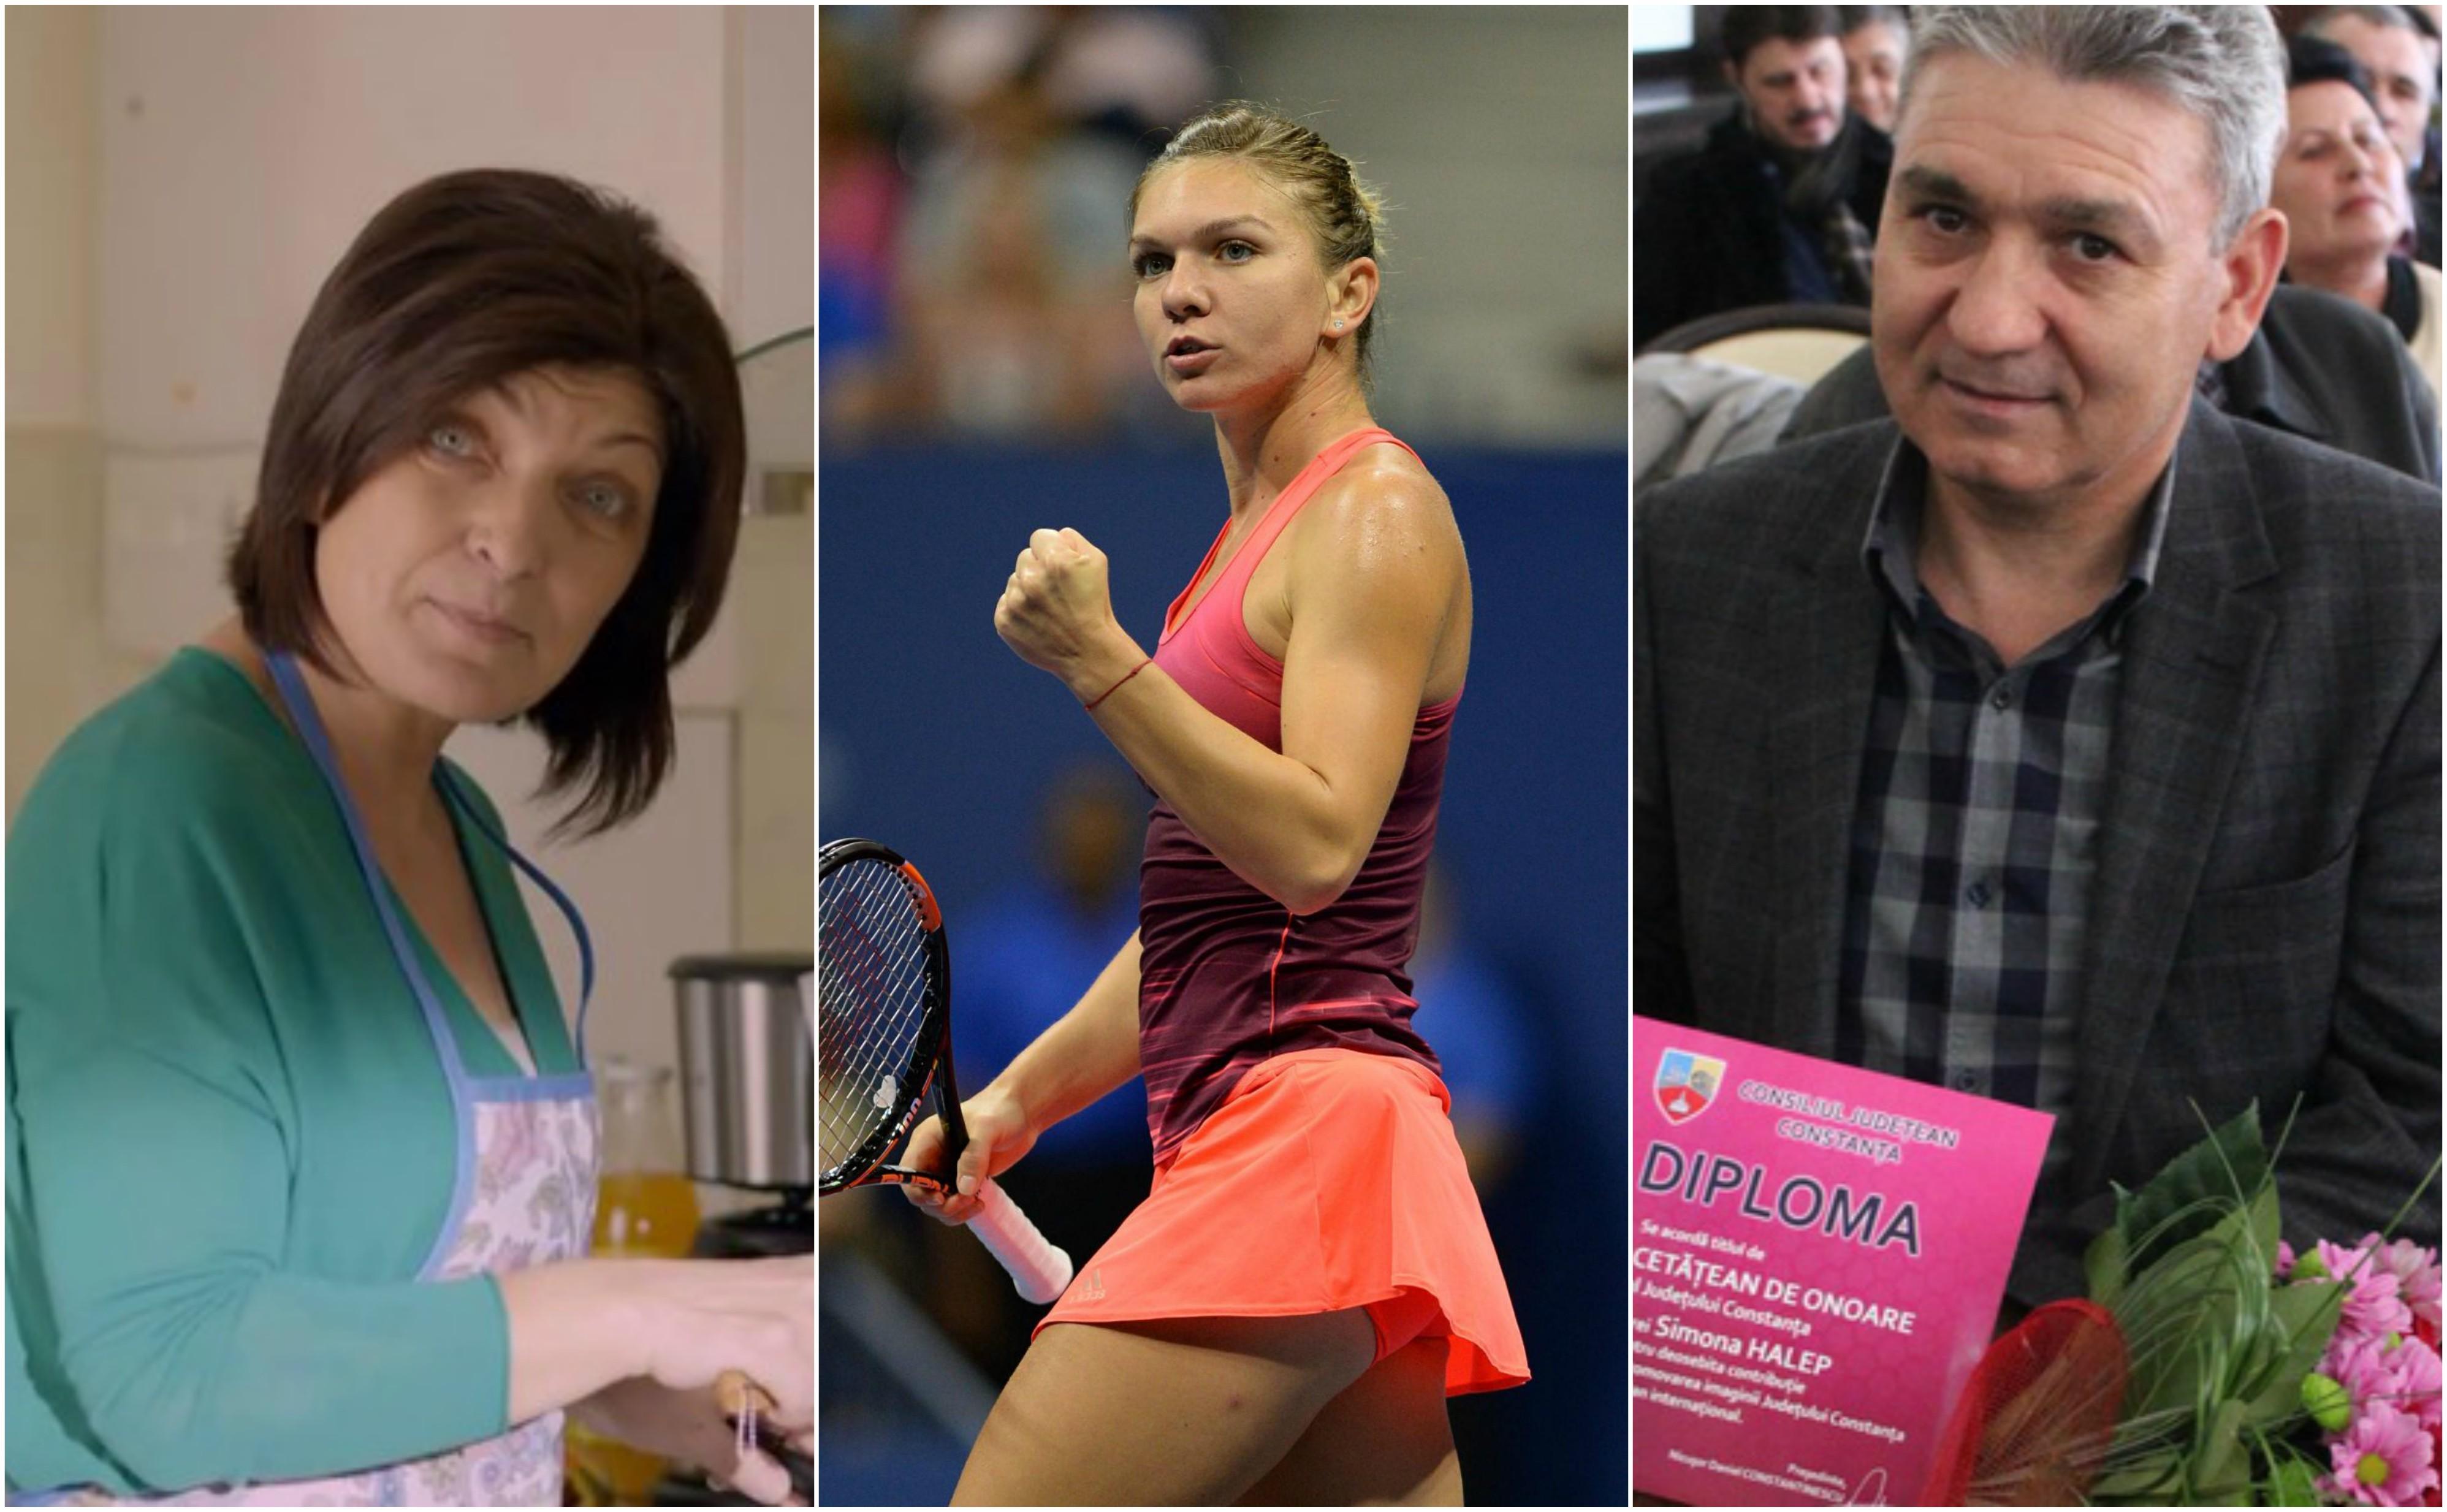 Atât Tania, cât şi Stere, au mers la antrenamentul fiicei lor pentru a-i ridica moralul, după eşecul de la Roland Garros. Deşi a ieşit campioană în turneul de la Madrid, tenismena nu poate depăşi problemele din ultima perioadă.